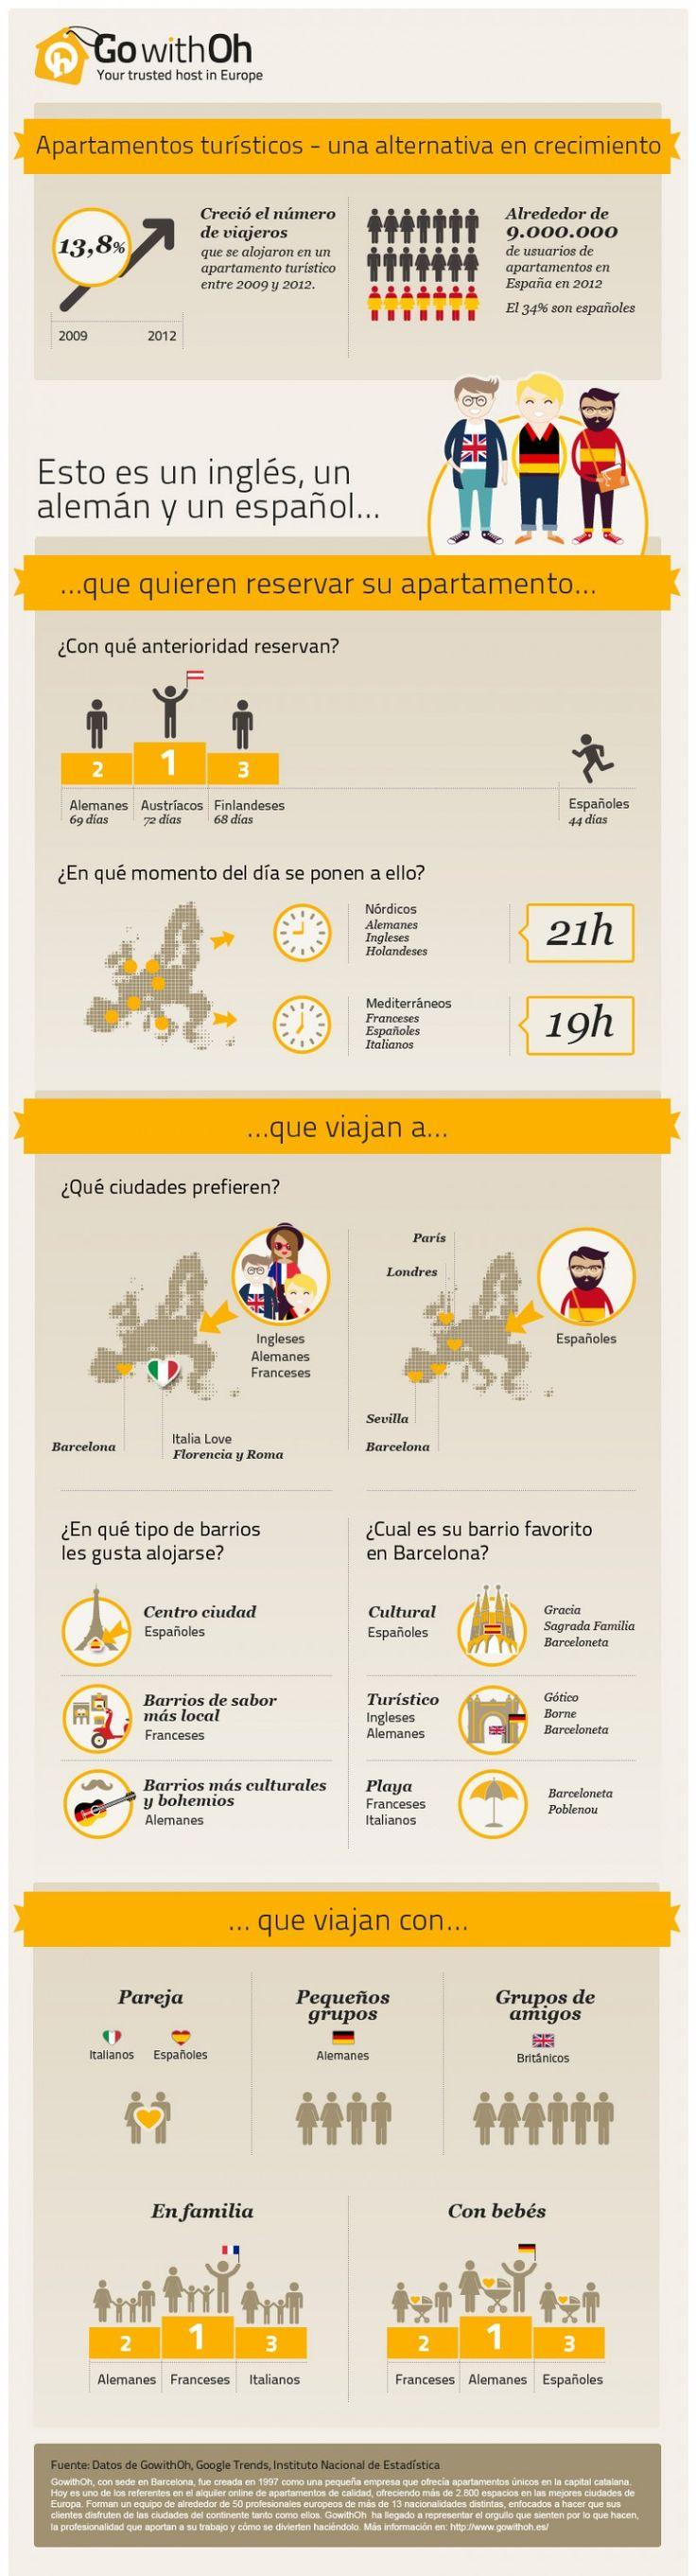 Infografía de GowithOh sobre el perfil del usuario europeo de apartamentos turísticos.